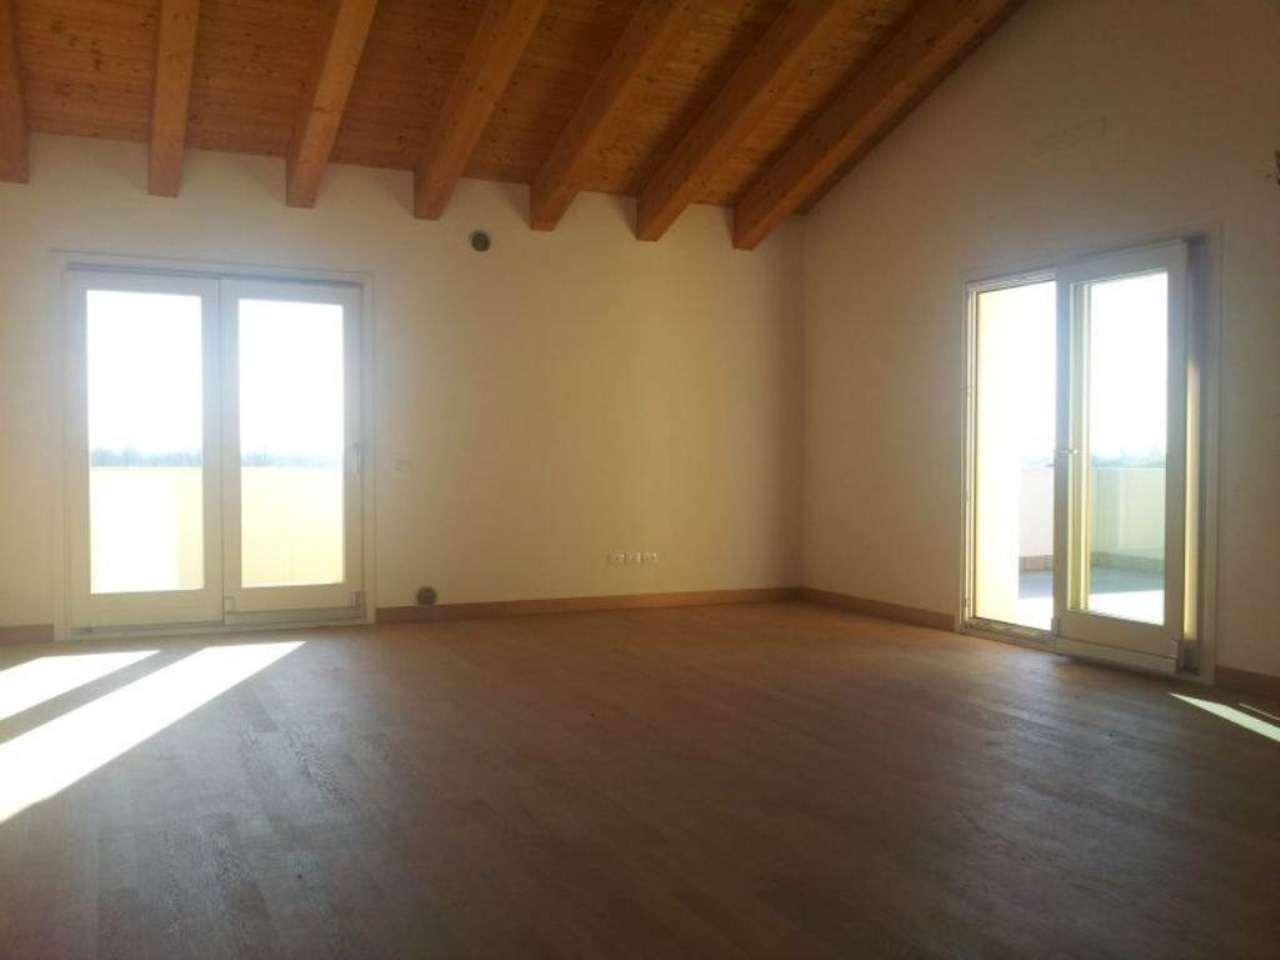 Attico / Mansarda in vendita a Ponzano Veneto, 5 locali, prezzo € 275.000 | Cambio Casa.it